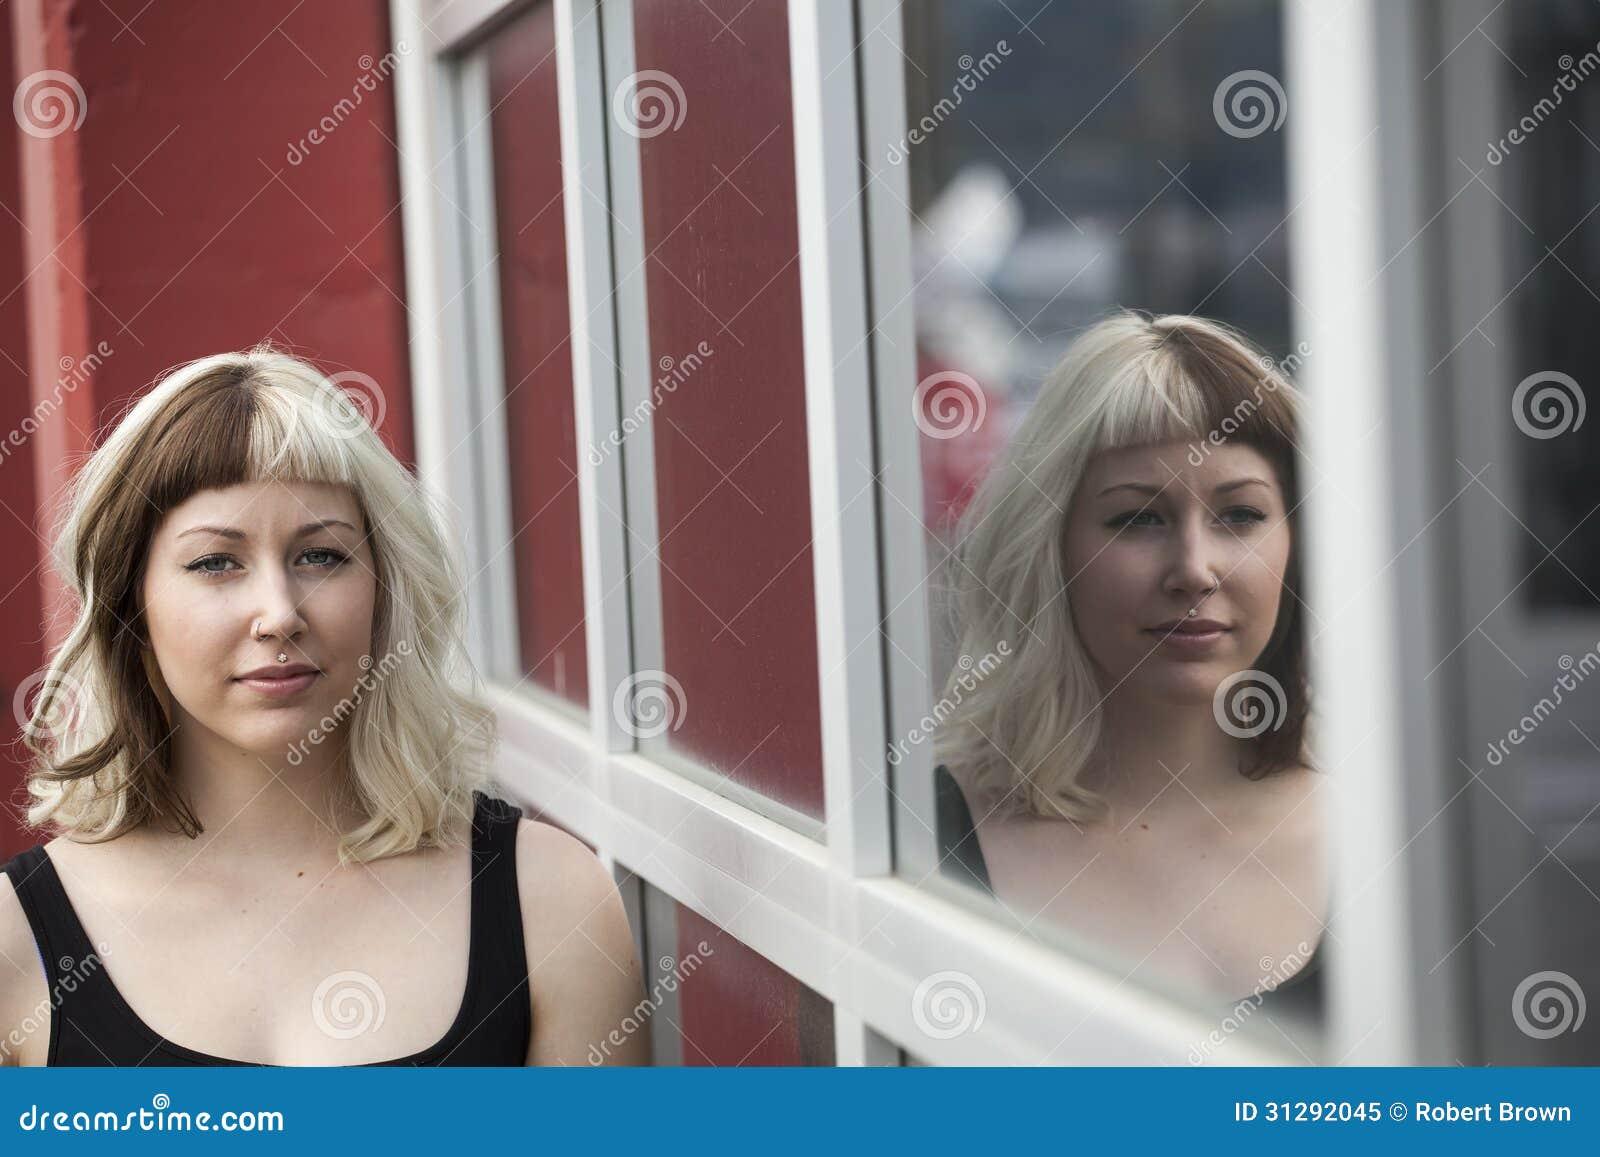 Schöne junge Frau mit ihrer Reflexion